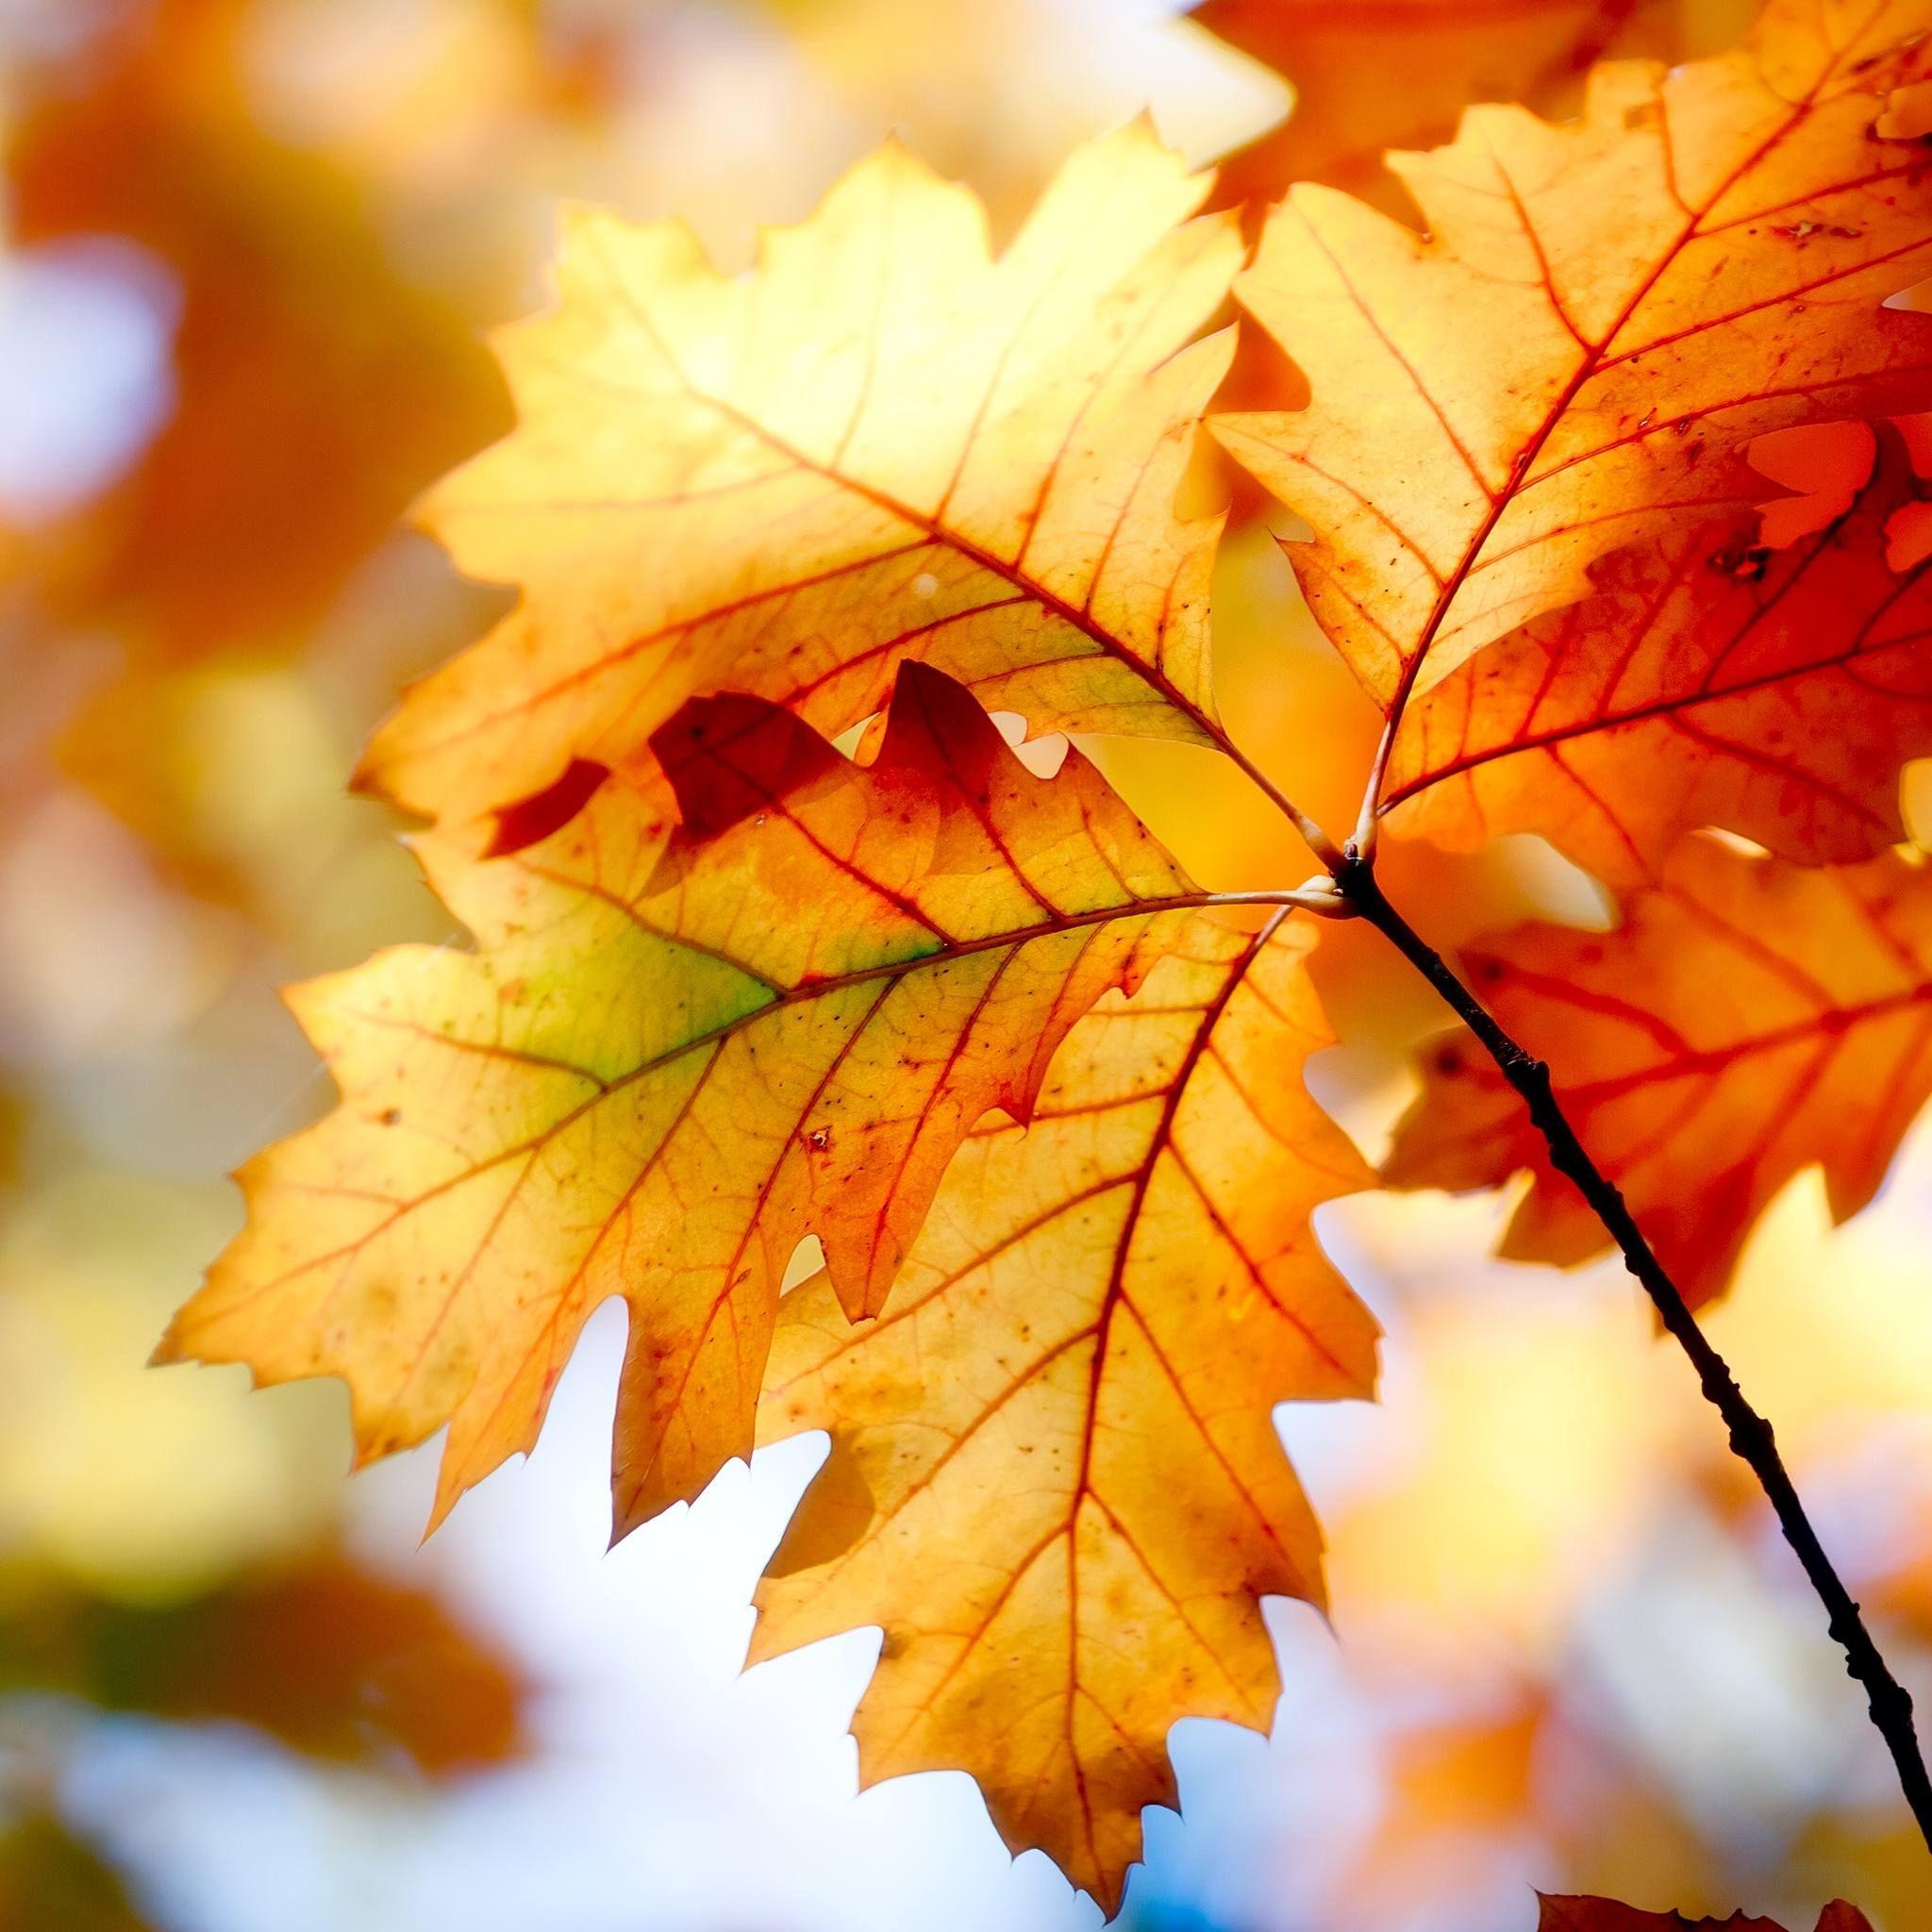 Autumn Leaf iPad Wallpaper HD Autumn leaves, Fall colors